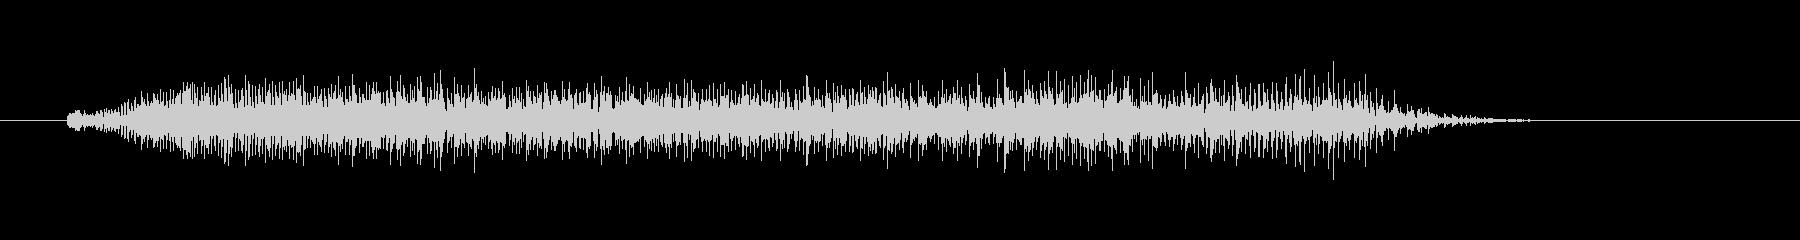 こらー!:男性怒鳴り声の未再生の波形